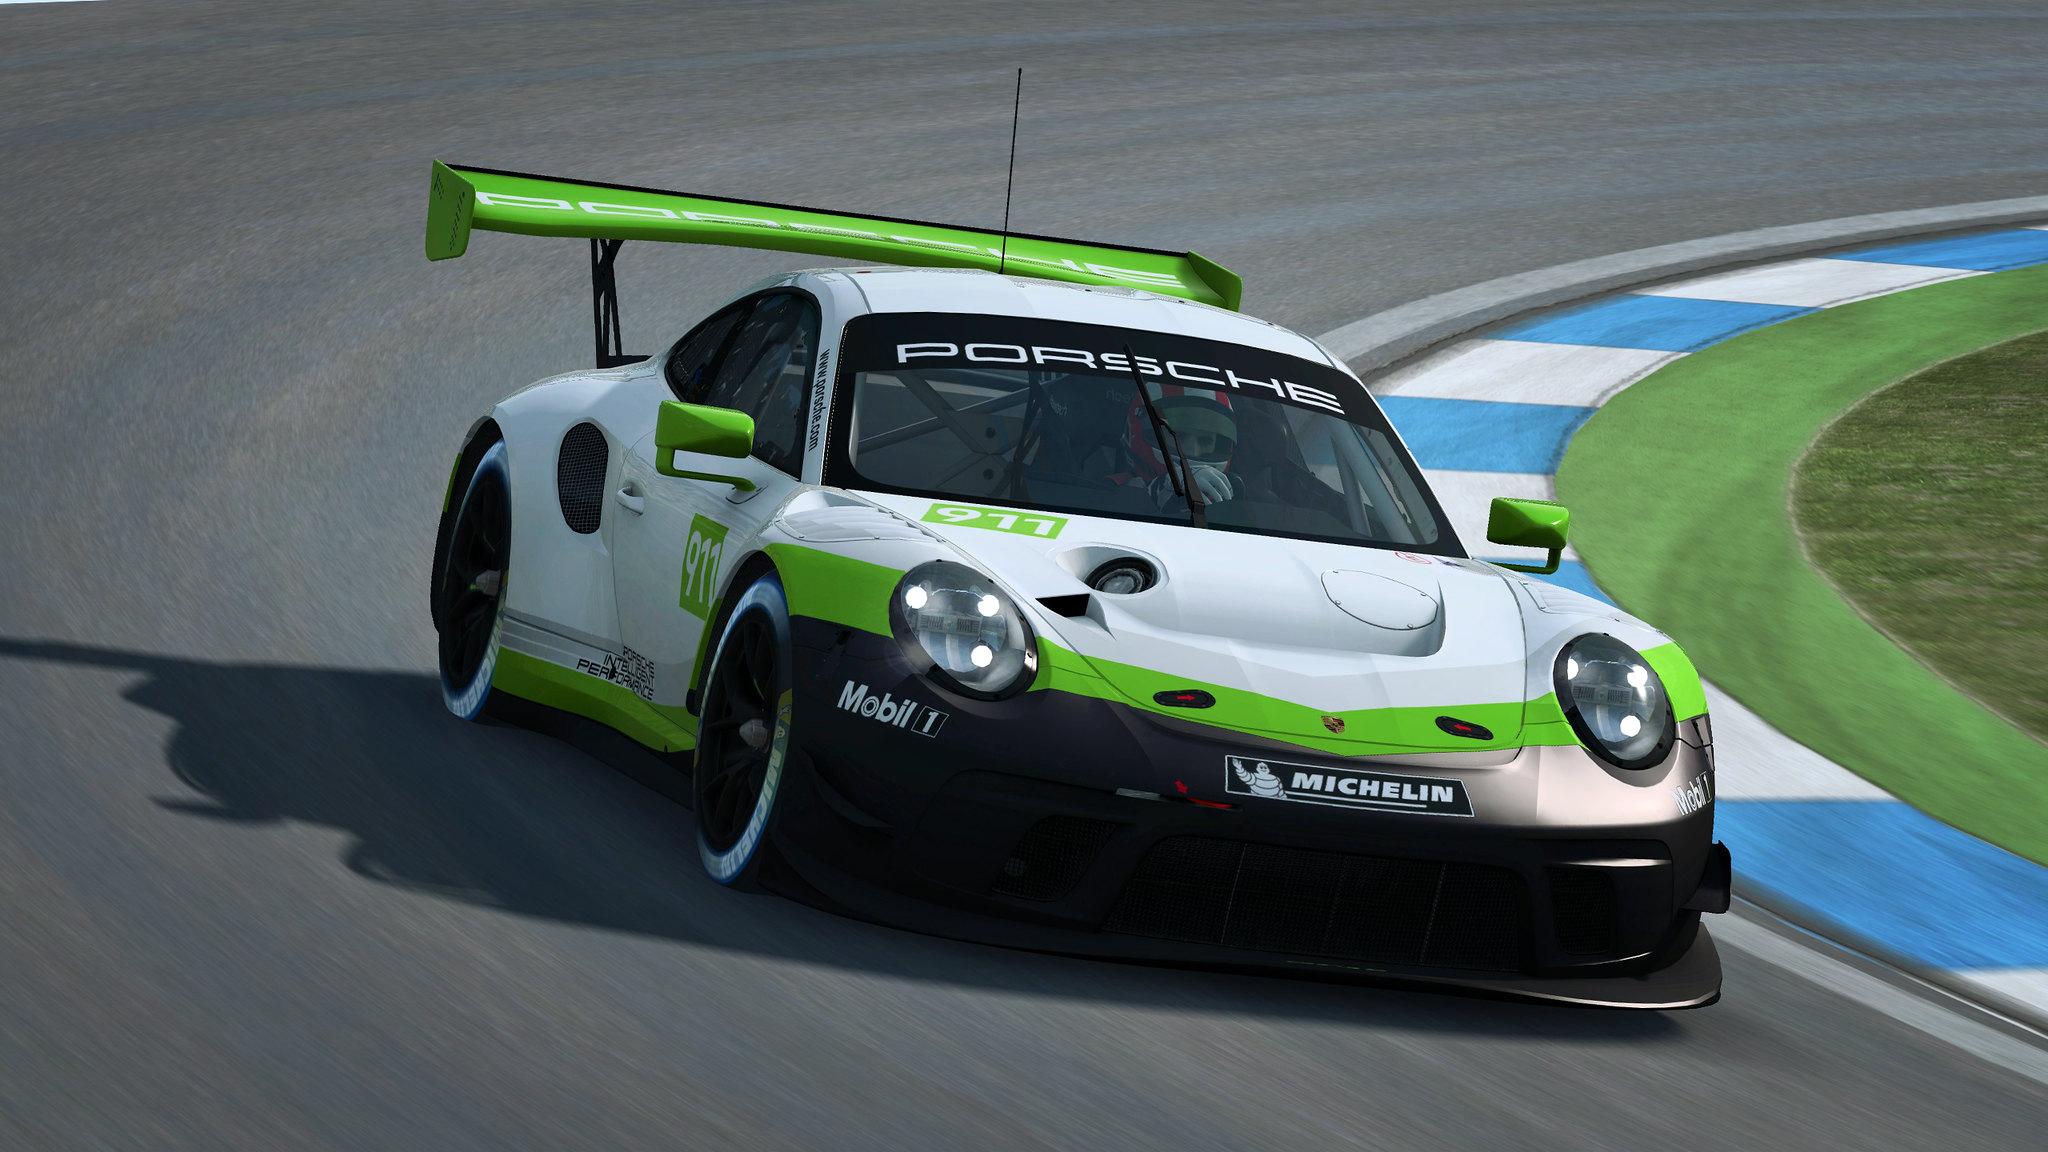 R3E Porsche 911 GT3 R 2